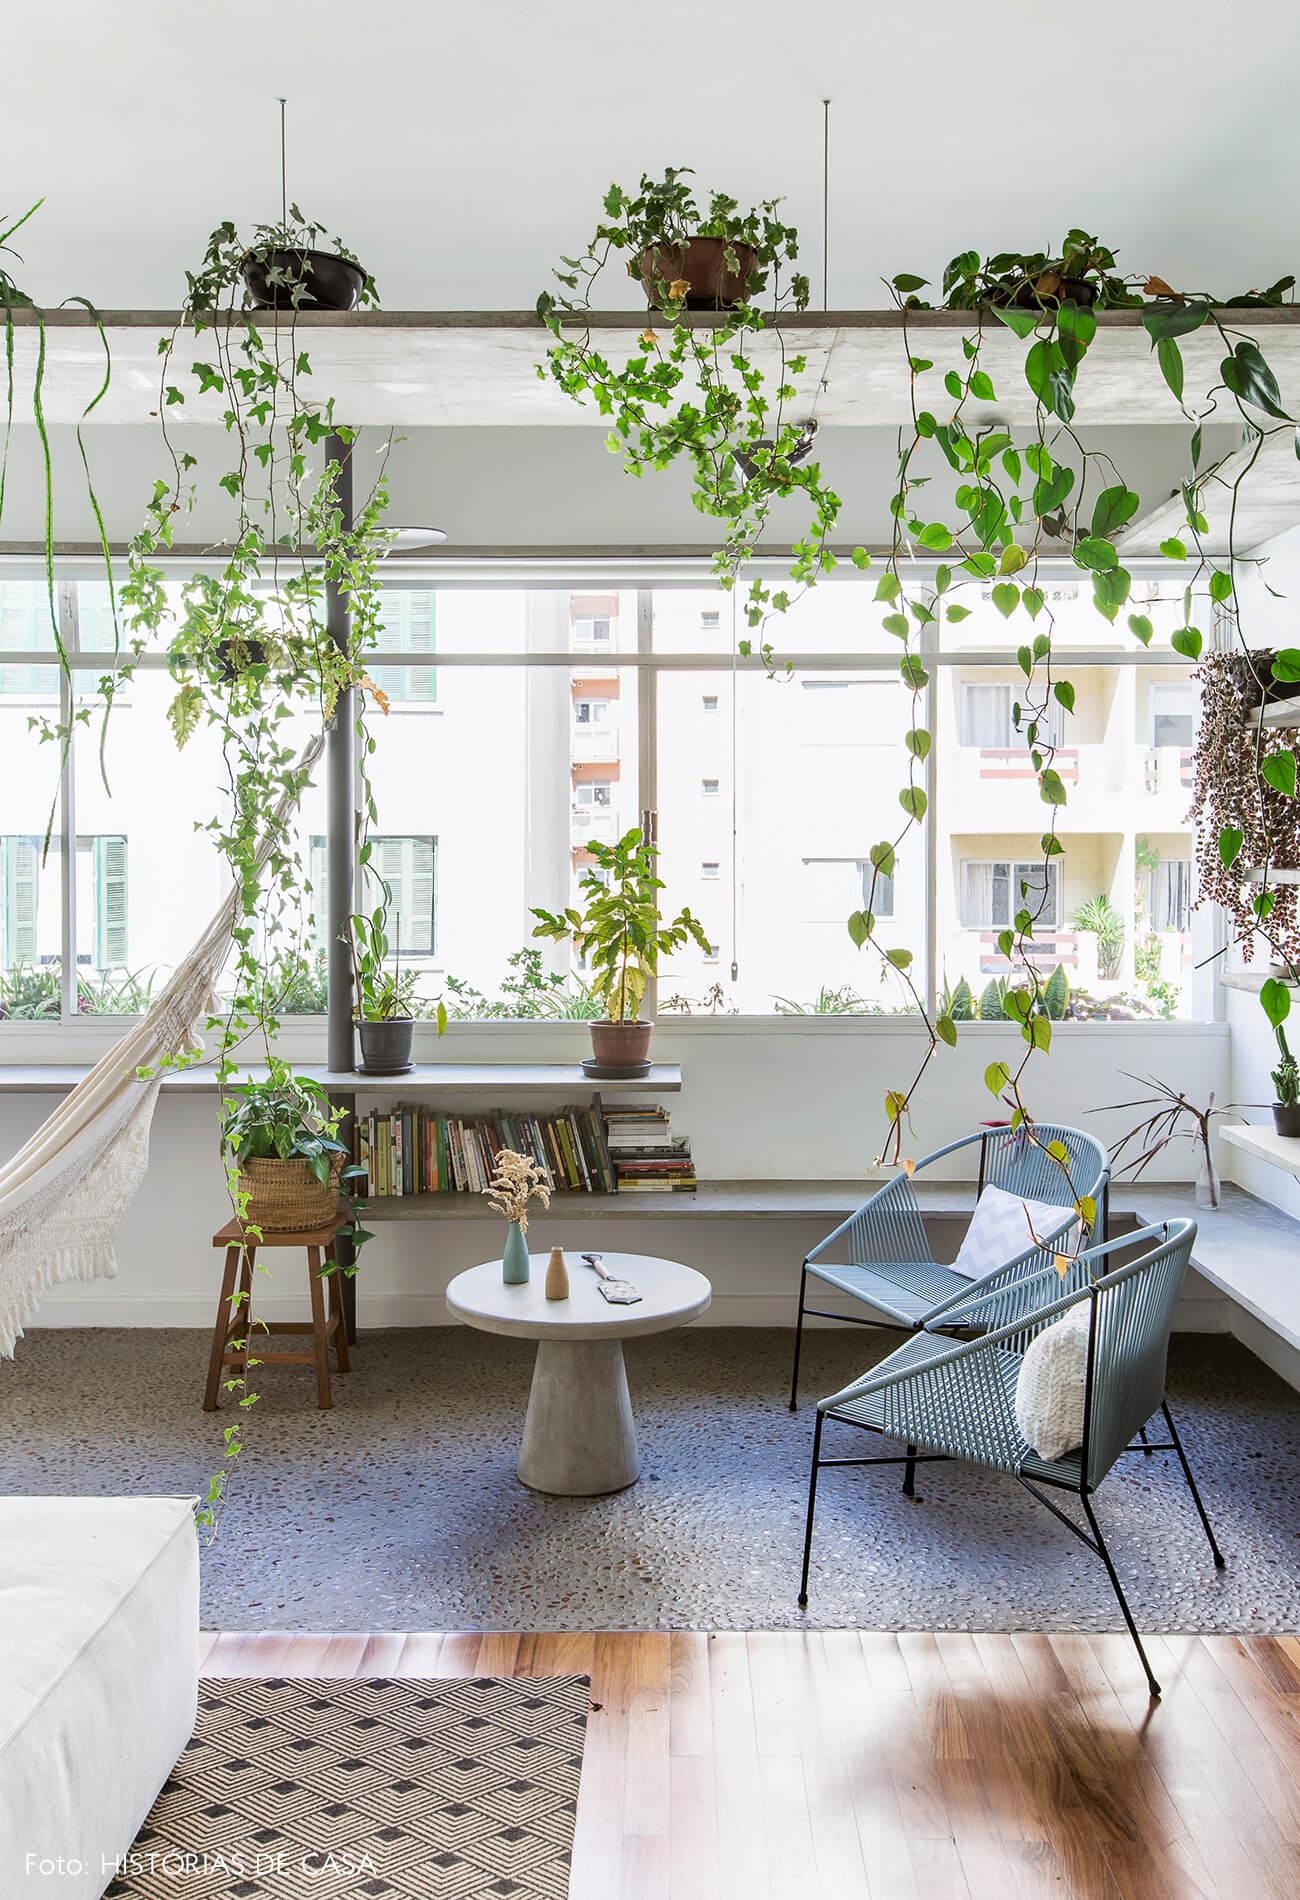 Sala com varanda integrada, piso de seixos e prateleiras de concreto com plantas